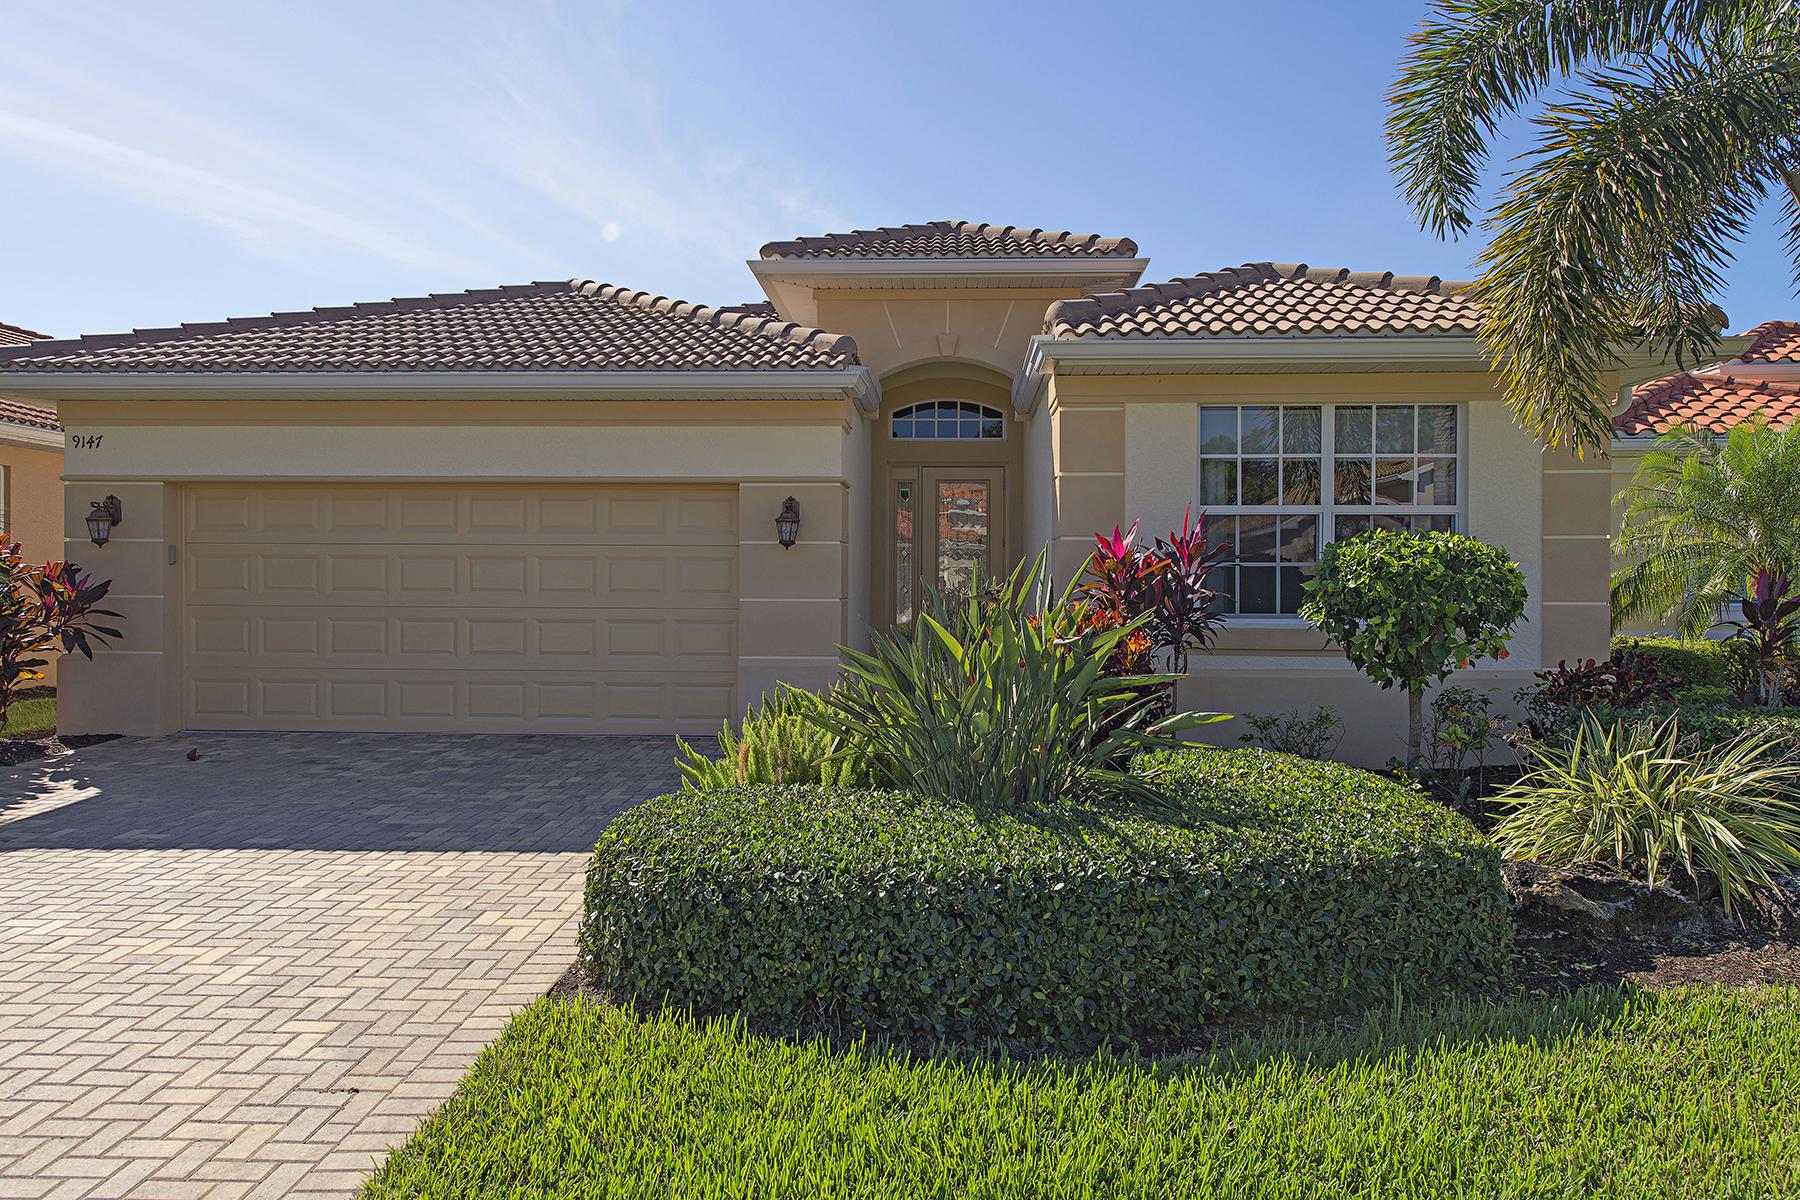 Nhà ở một gia đình vì Bán tại THE RESERVE AT ESTERO 9147 Astonia Way Estero, Florida, 33967 Hoa Kỳ